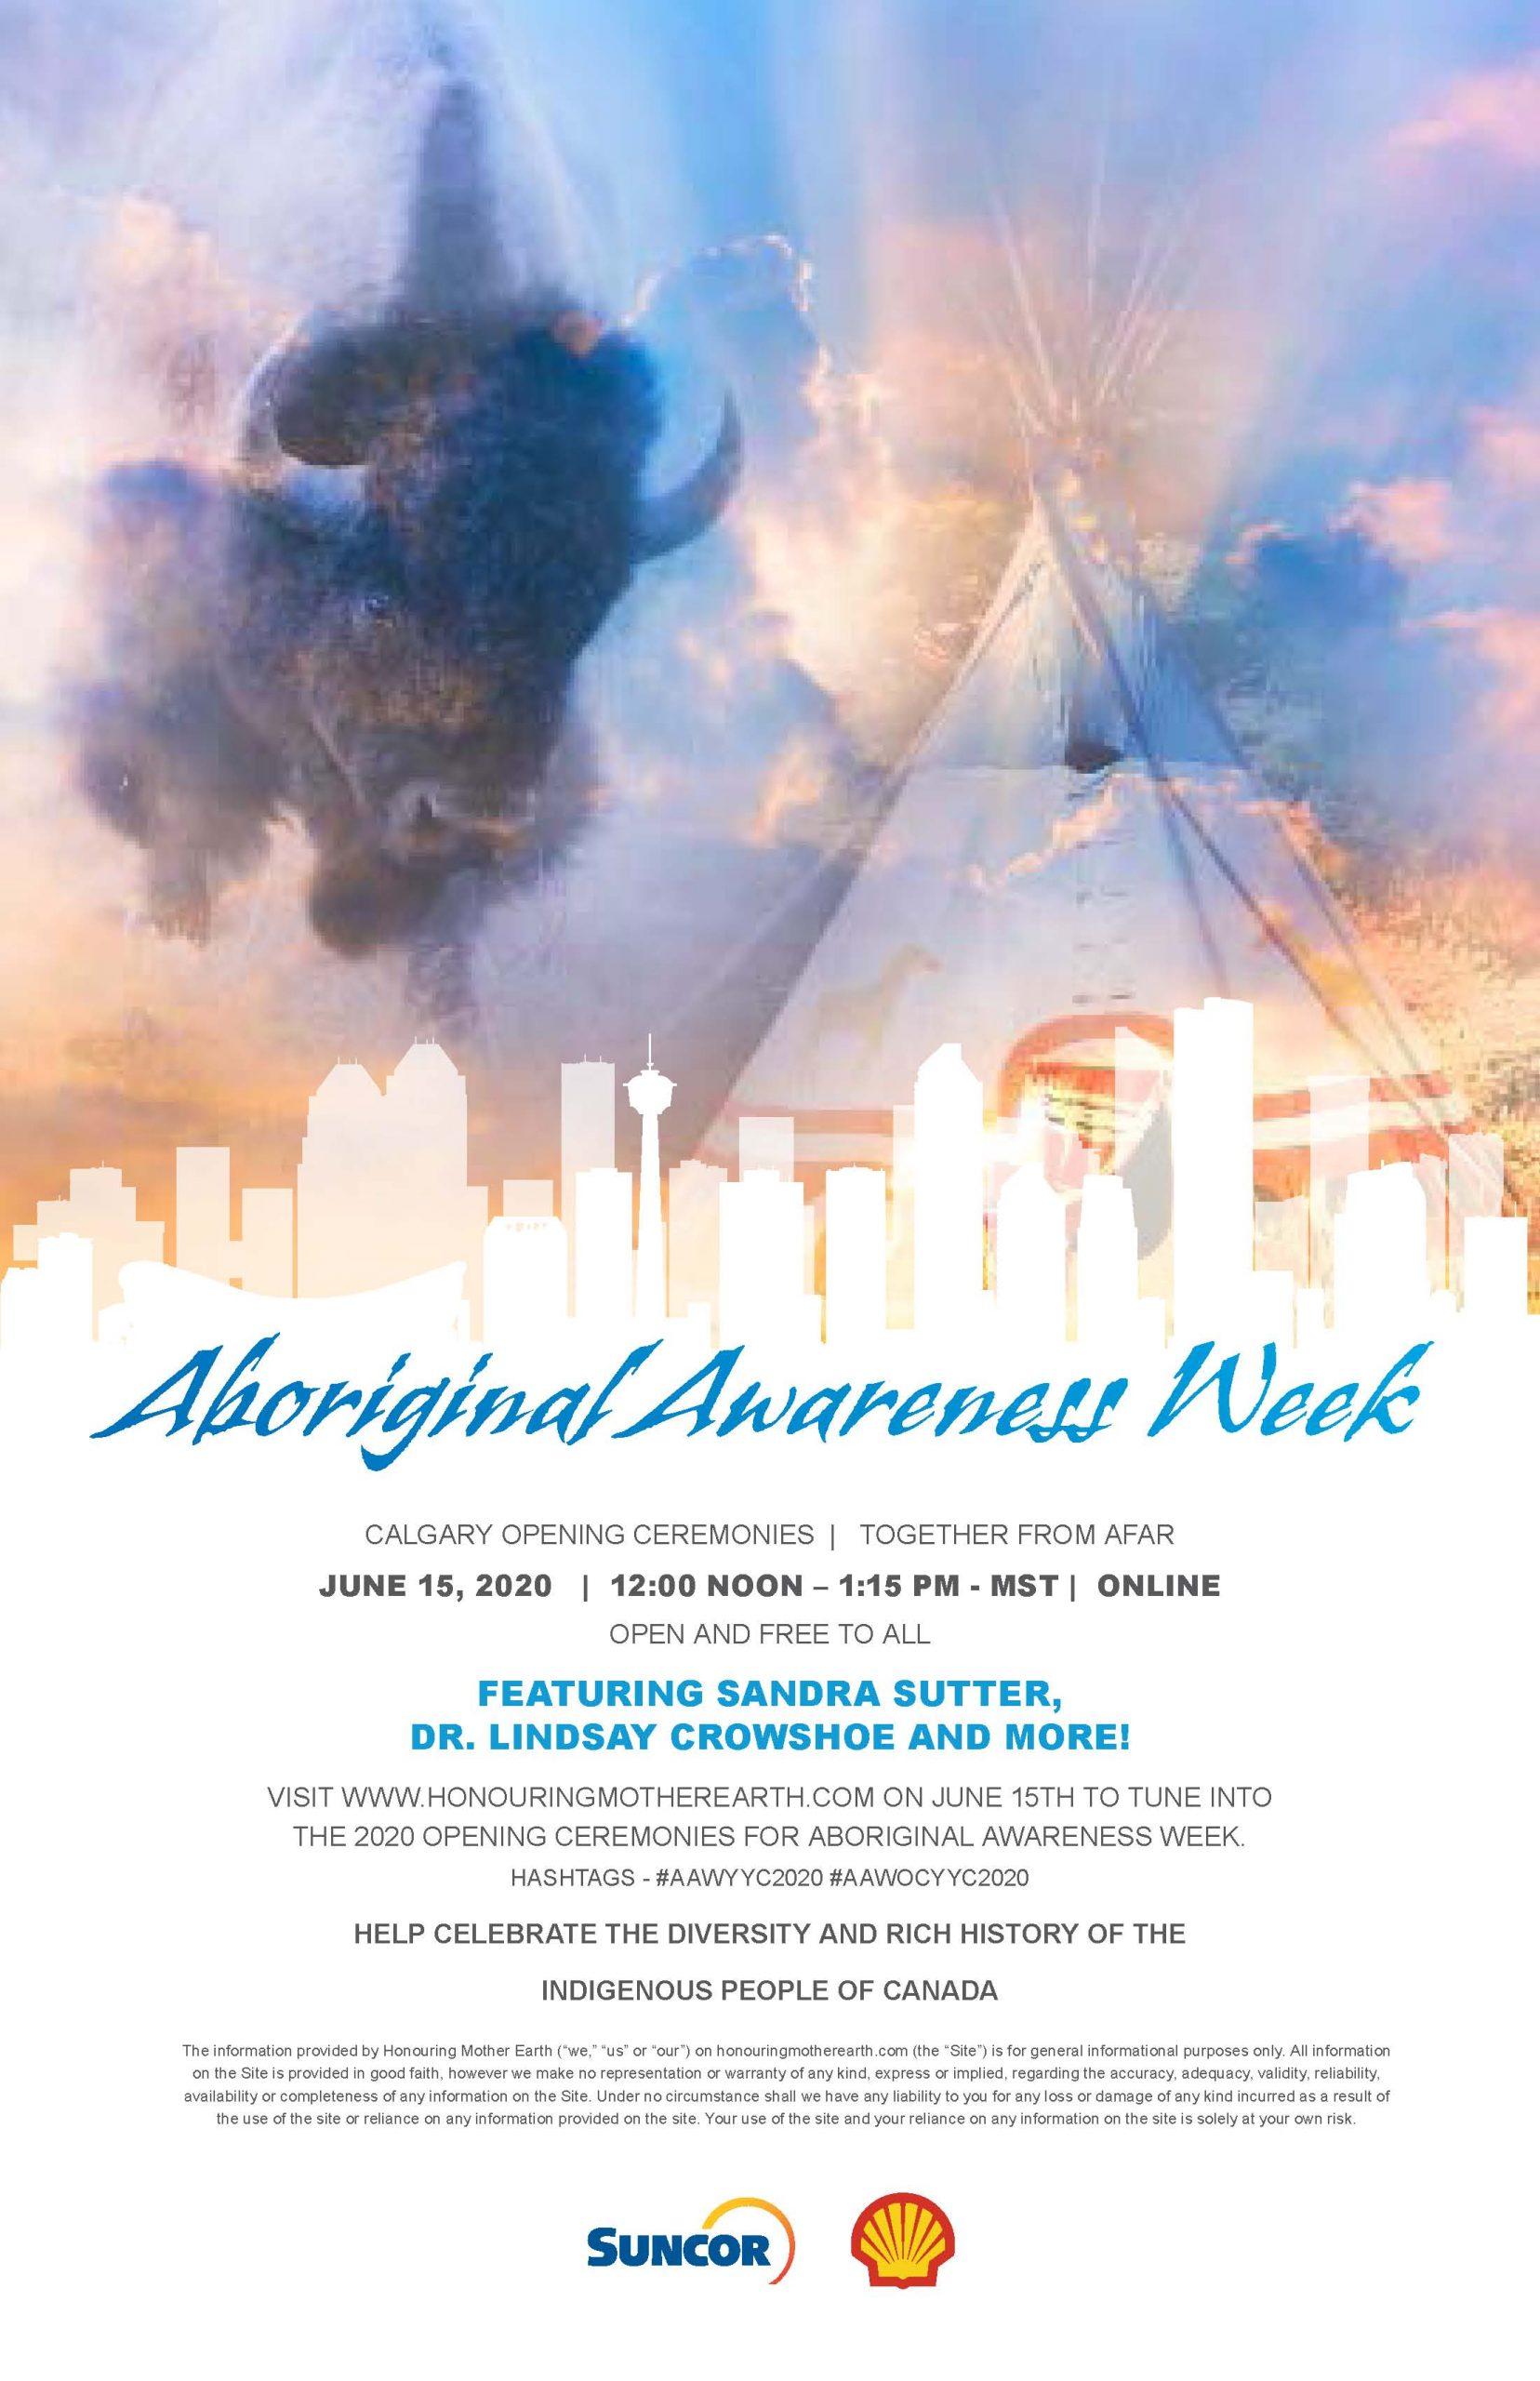 Aboriginal Awareness Week Opening Ceremonies